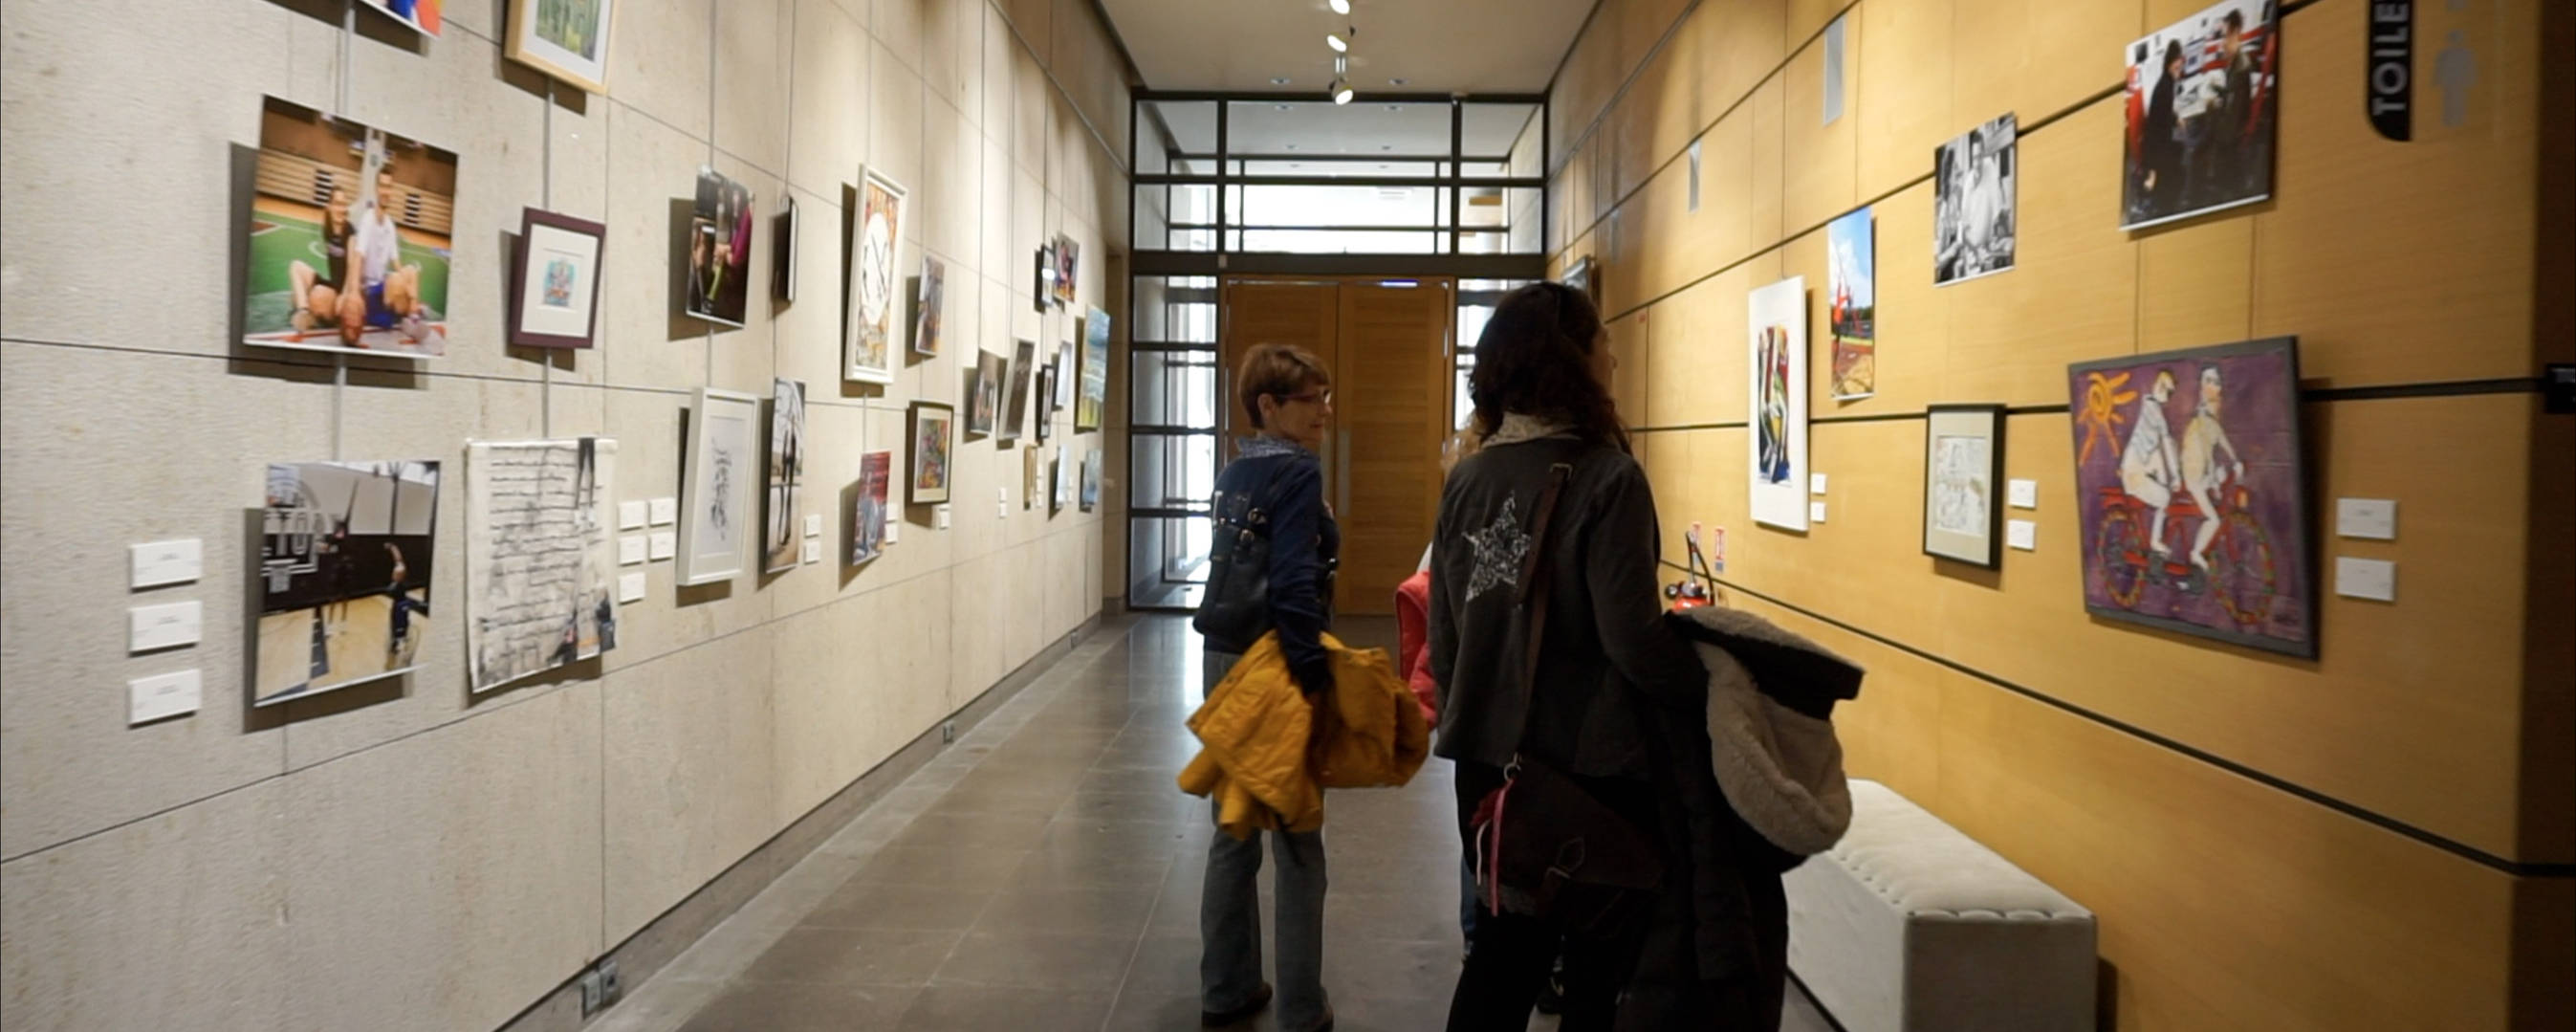 Espace Jacques Barrot - Salle d'exposition